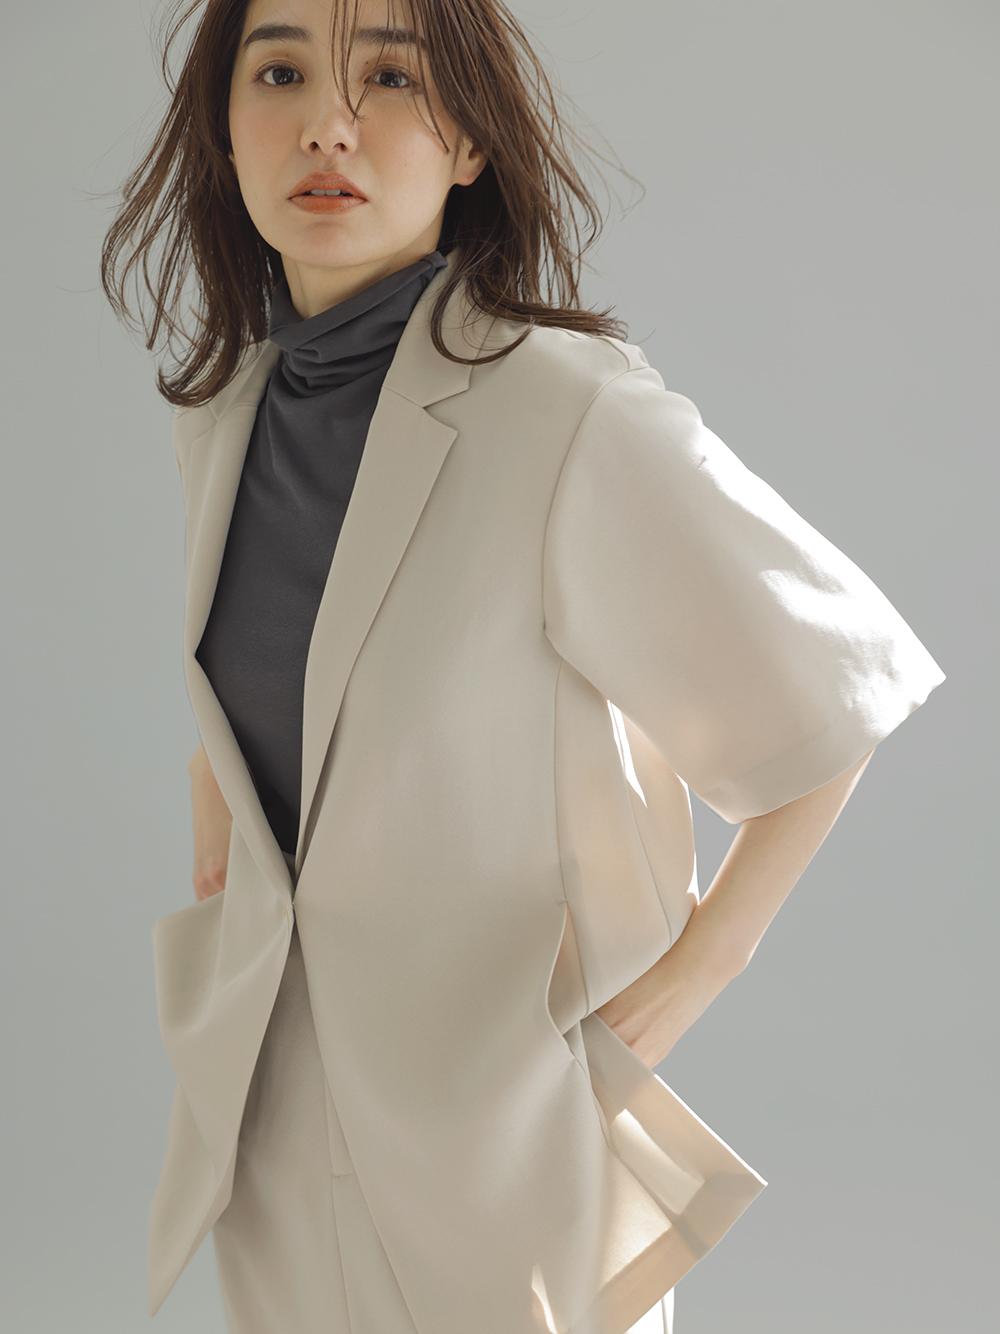 嫘縈短袖西裝外套